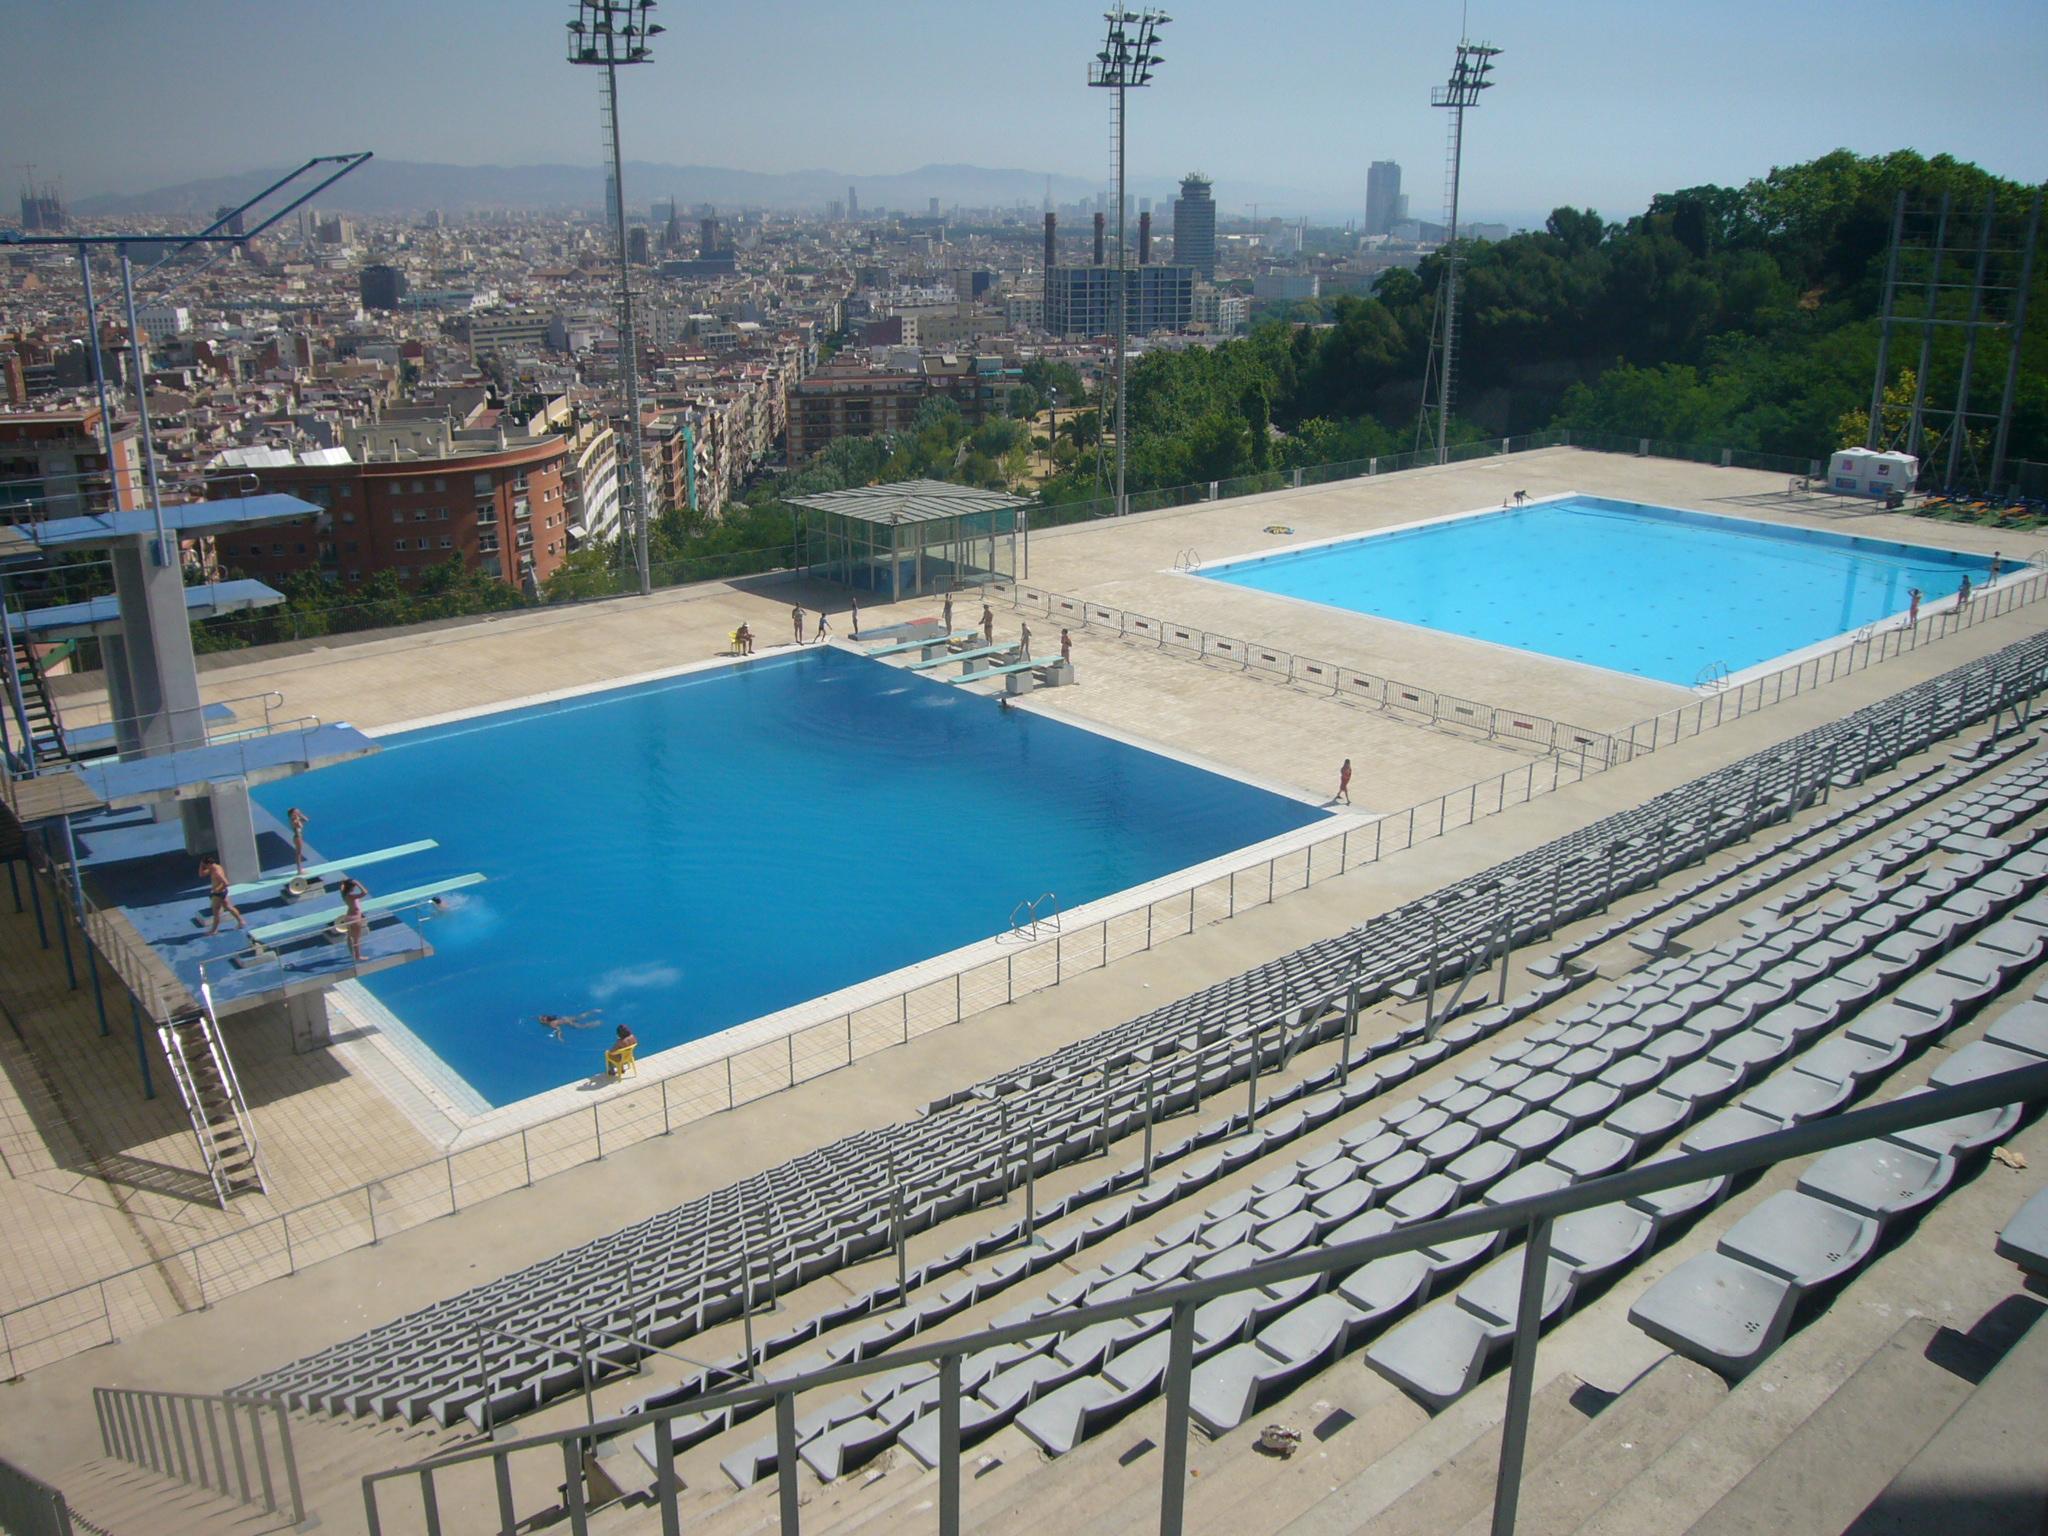 Piscinas en cordoba espaa stunning piscina with piscinas for Piscina municipal los cristianos